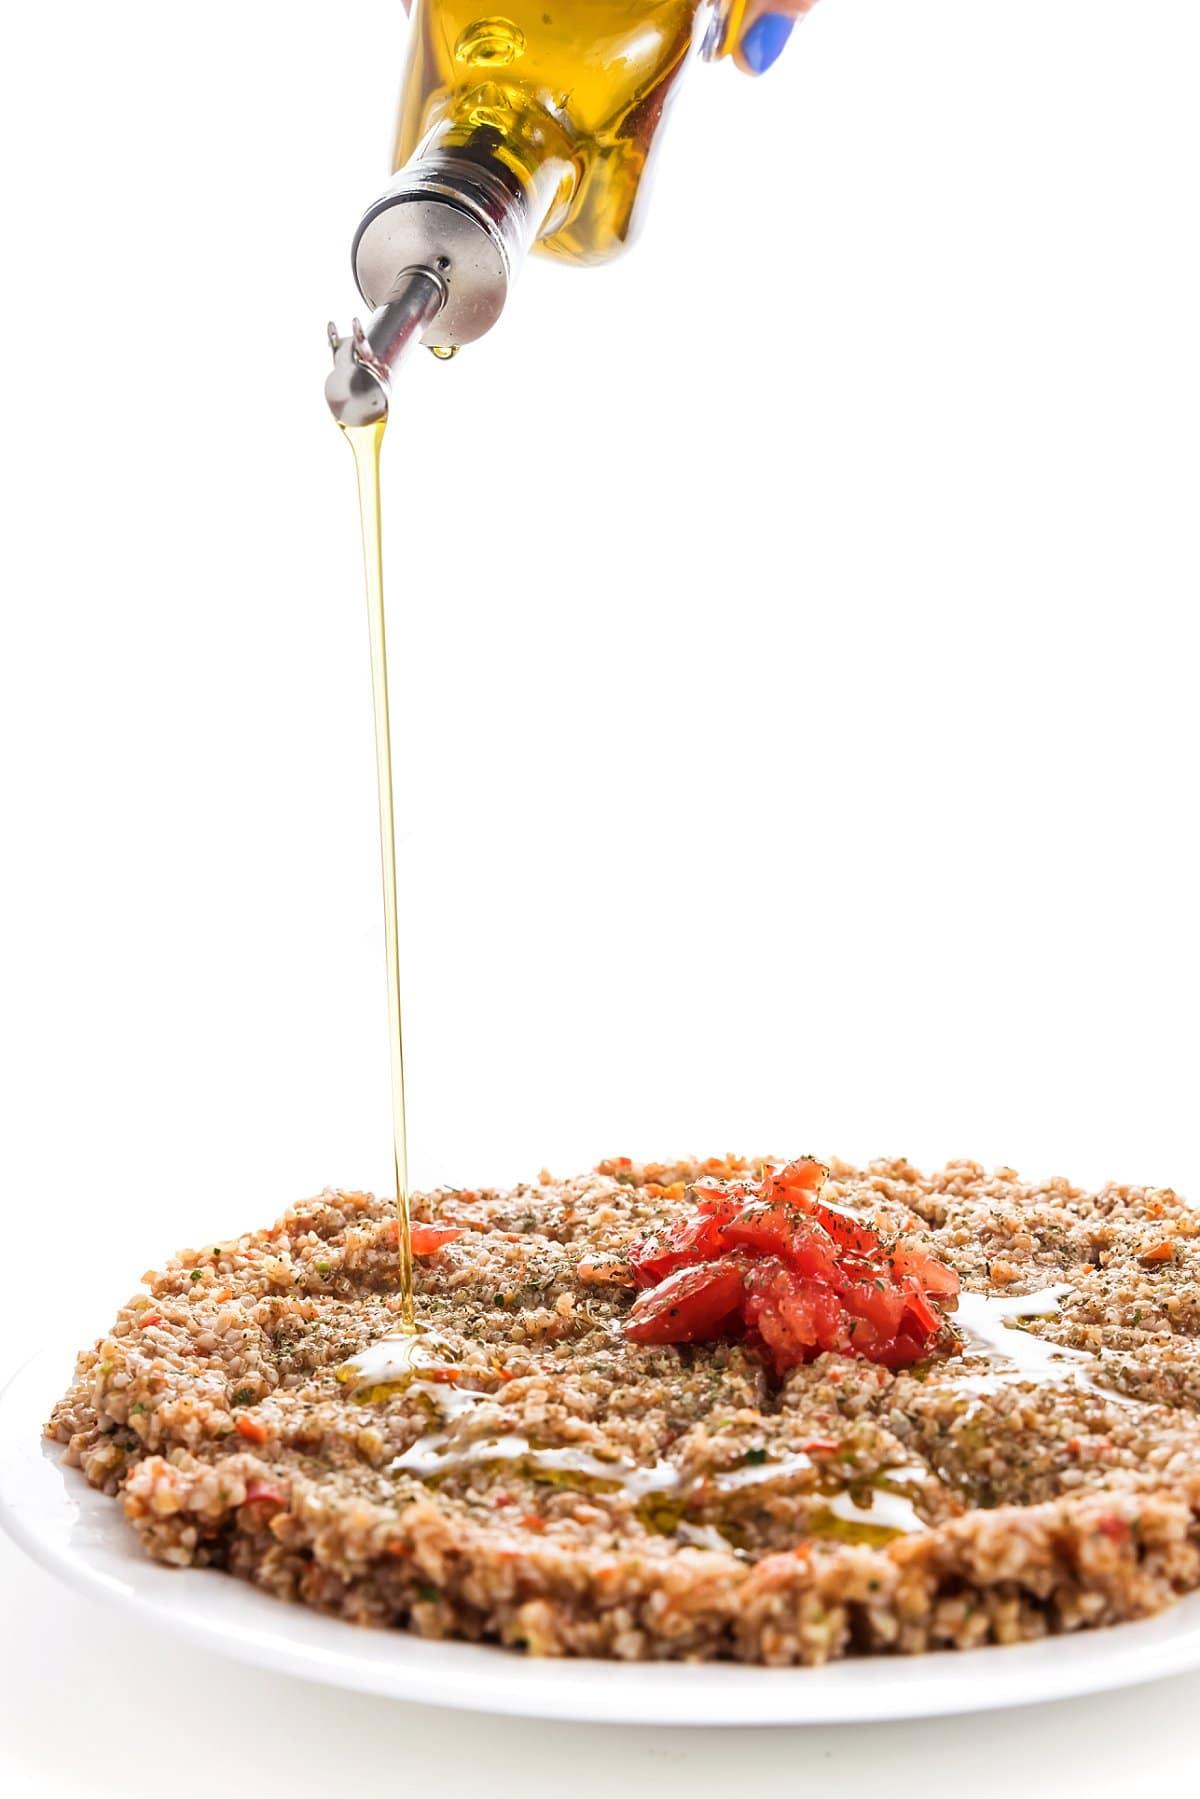 Drizzling oil on vegan tomato kibbeh.